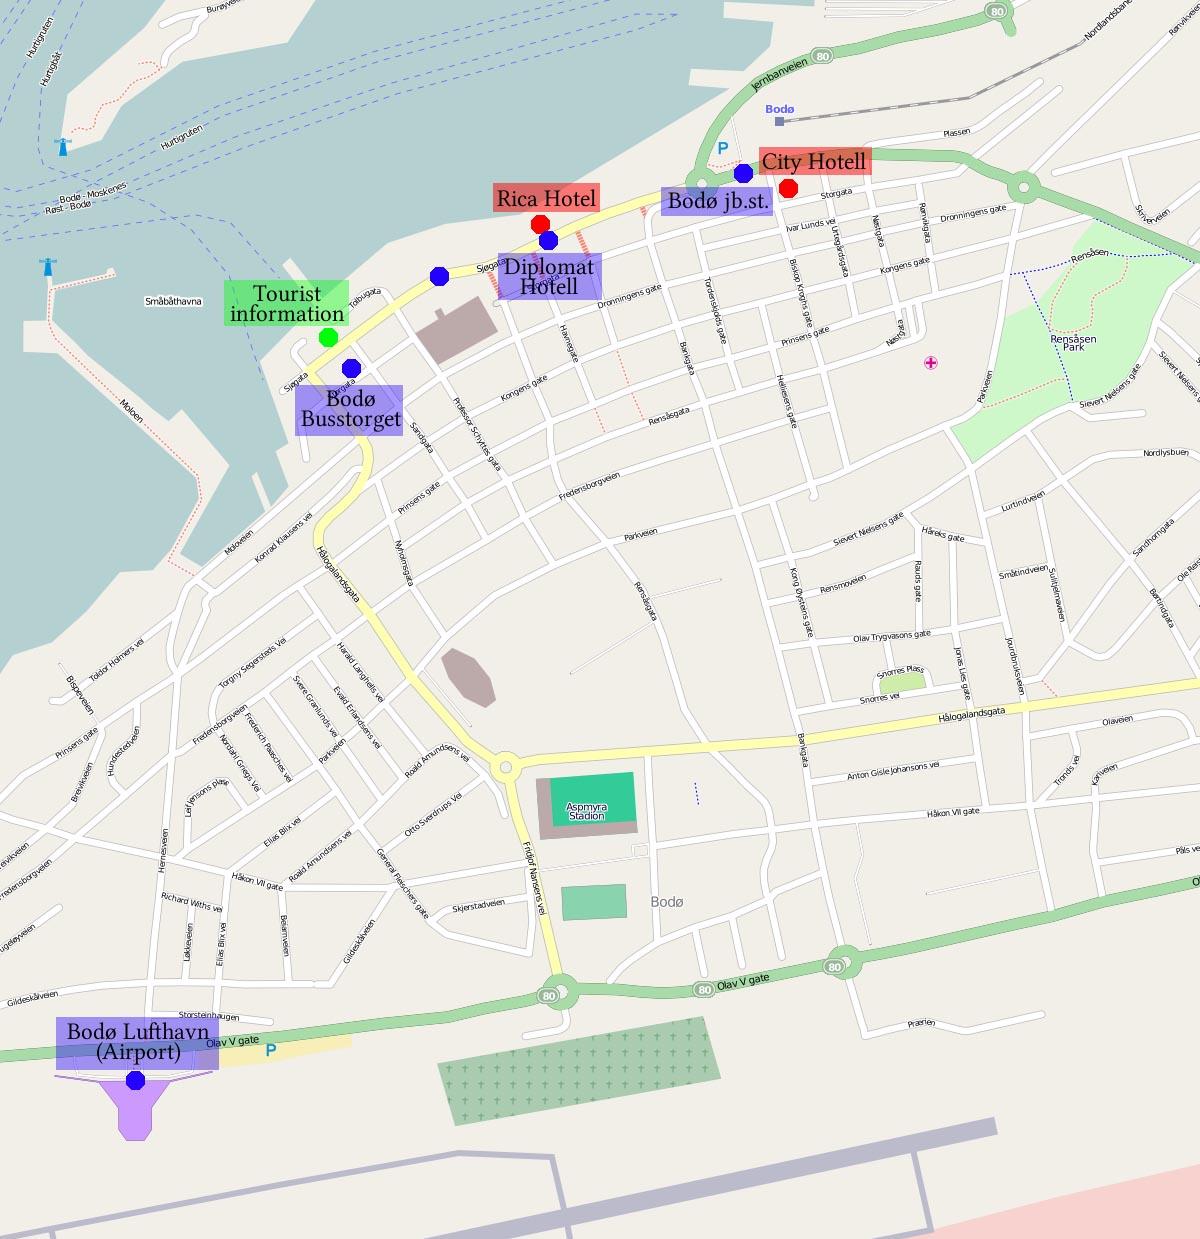 kart over bodø sentrum Hvordan finne veien til Birkeli kart over bodø sentrum